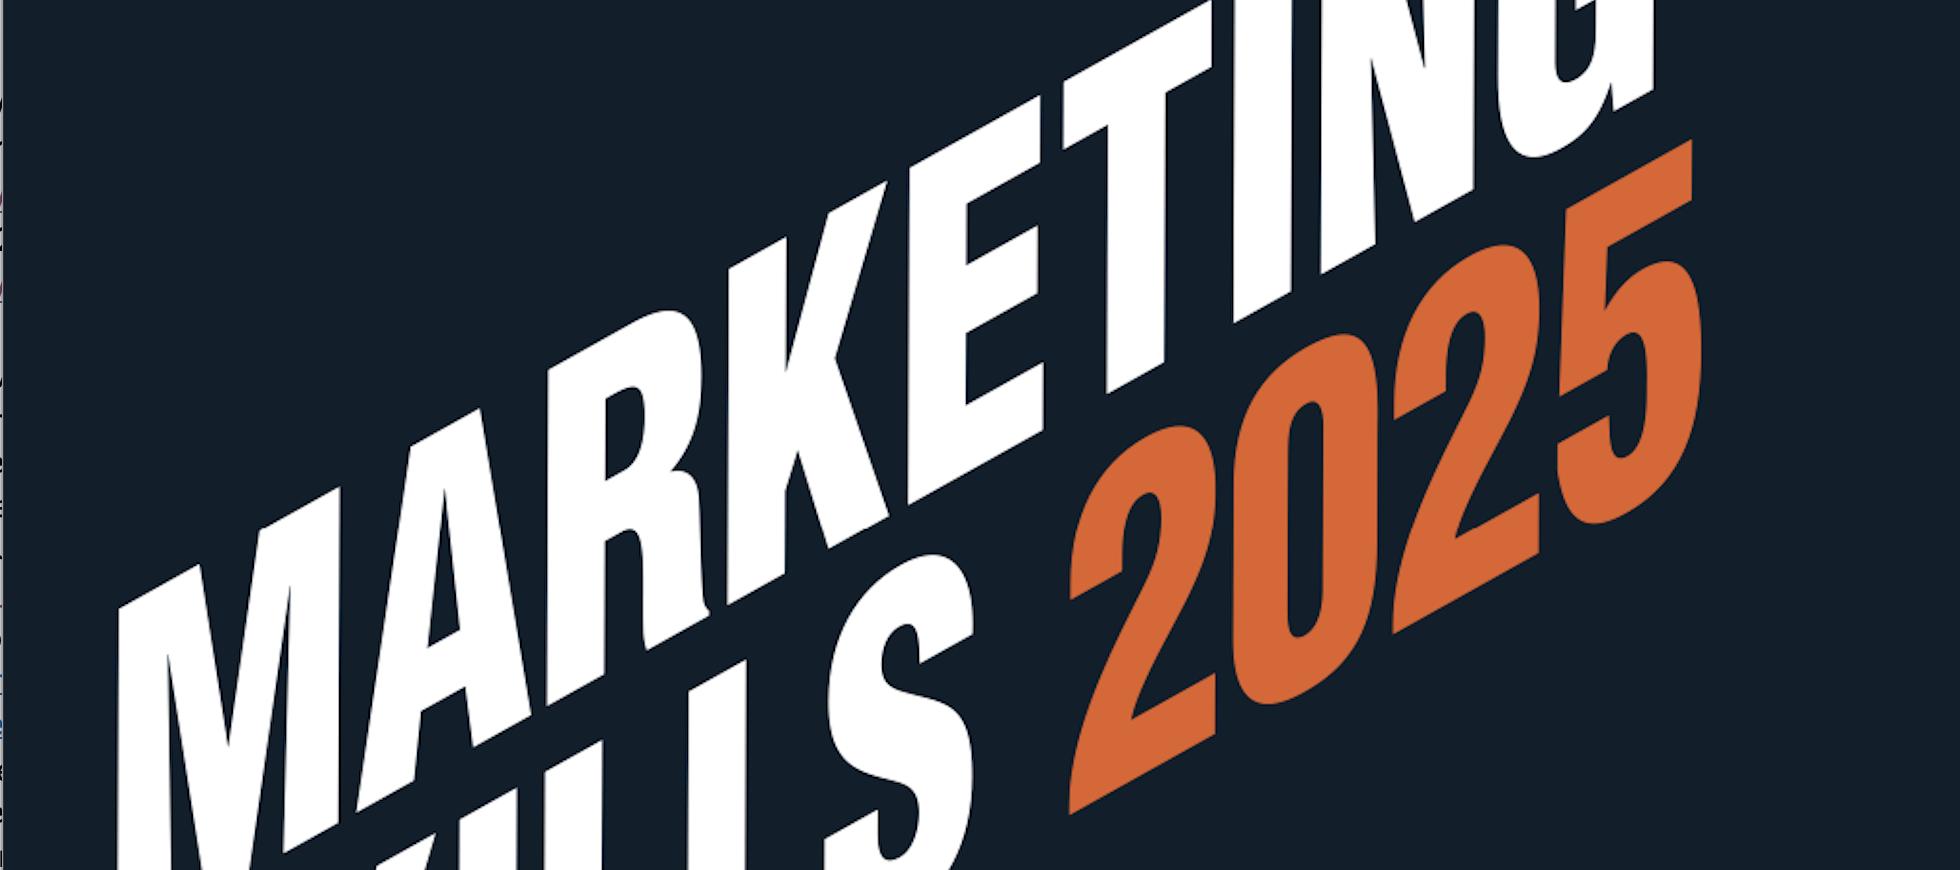 Daten verstehen für Marketingentscheidungen